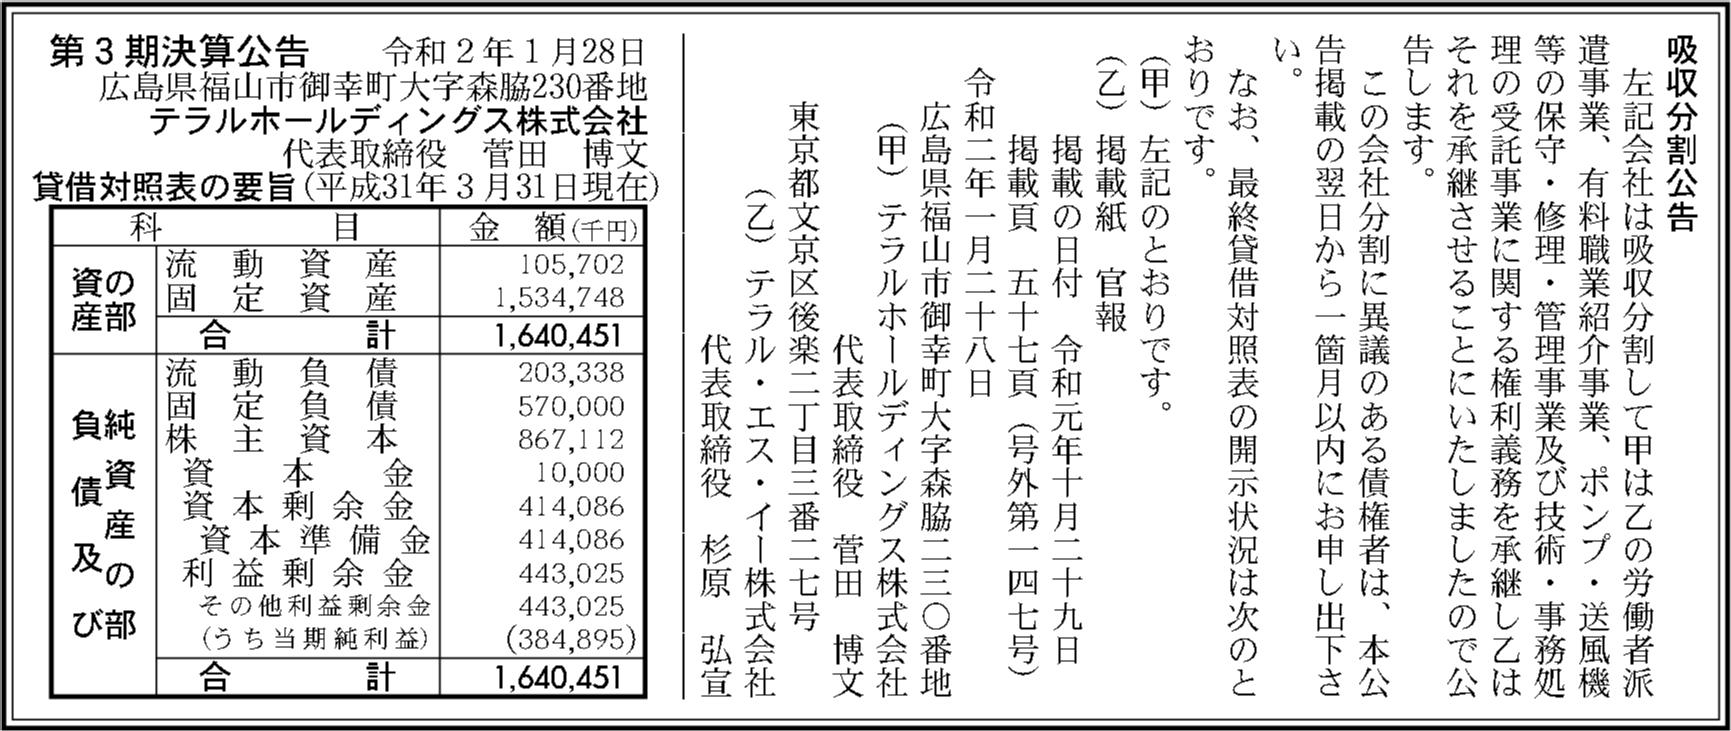 0090 9317a96ea3076cd5215d849f0776f46e42ed86581a739727e8cdf658719d164f327a383fa874069e4c378a047302a818ca9f7fae0213ef92cf4a58128d82597d 05